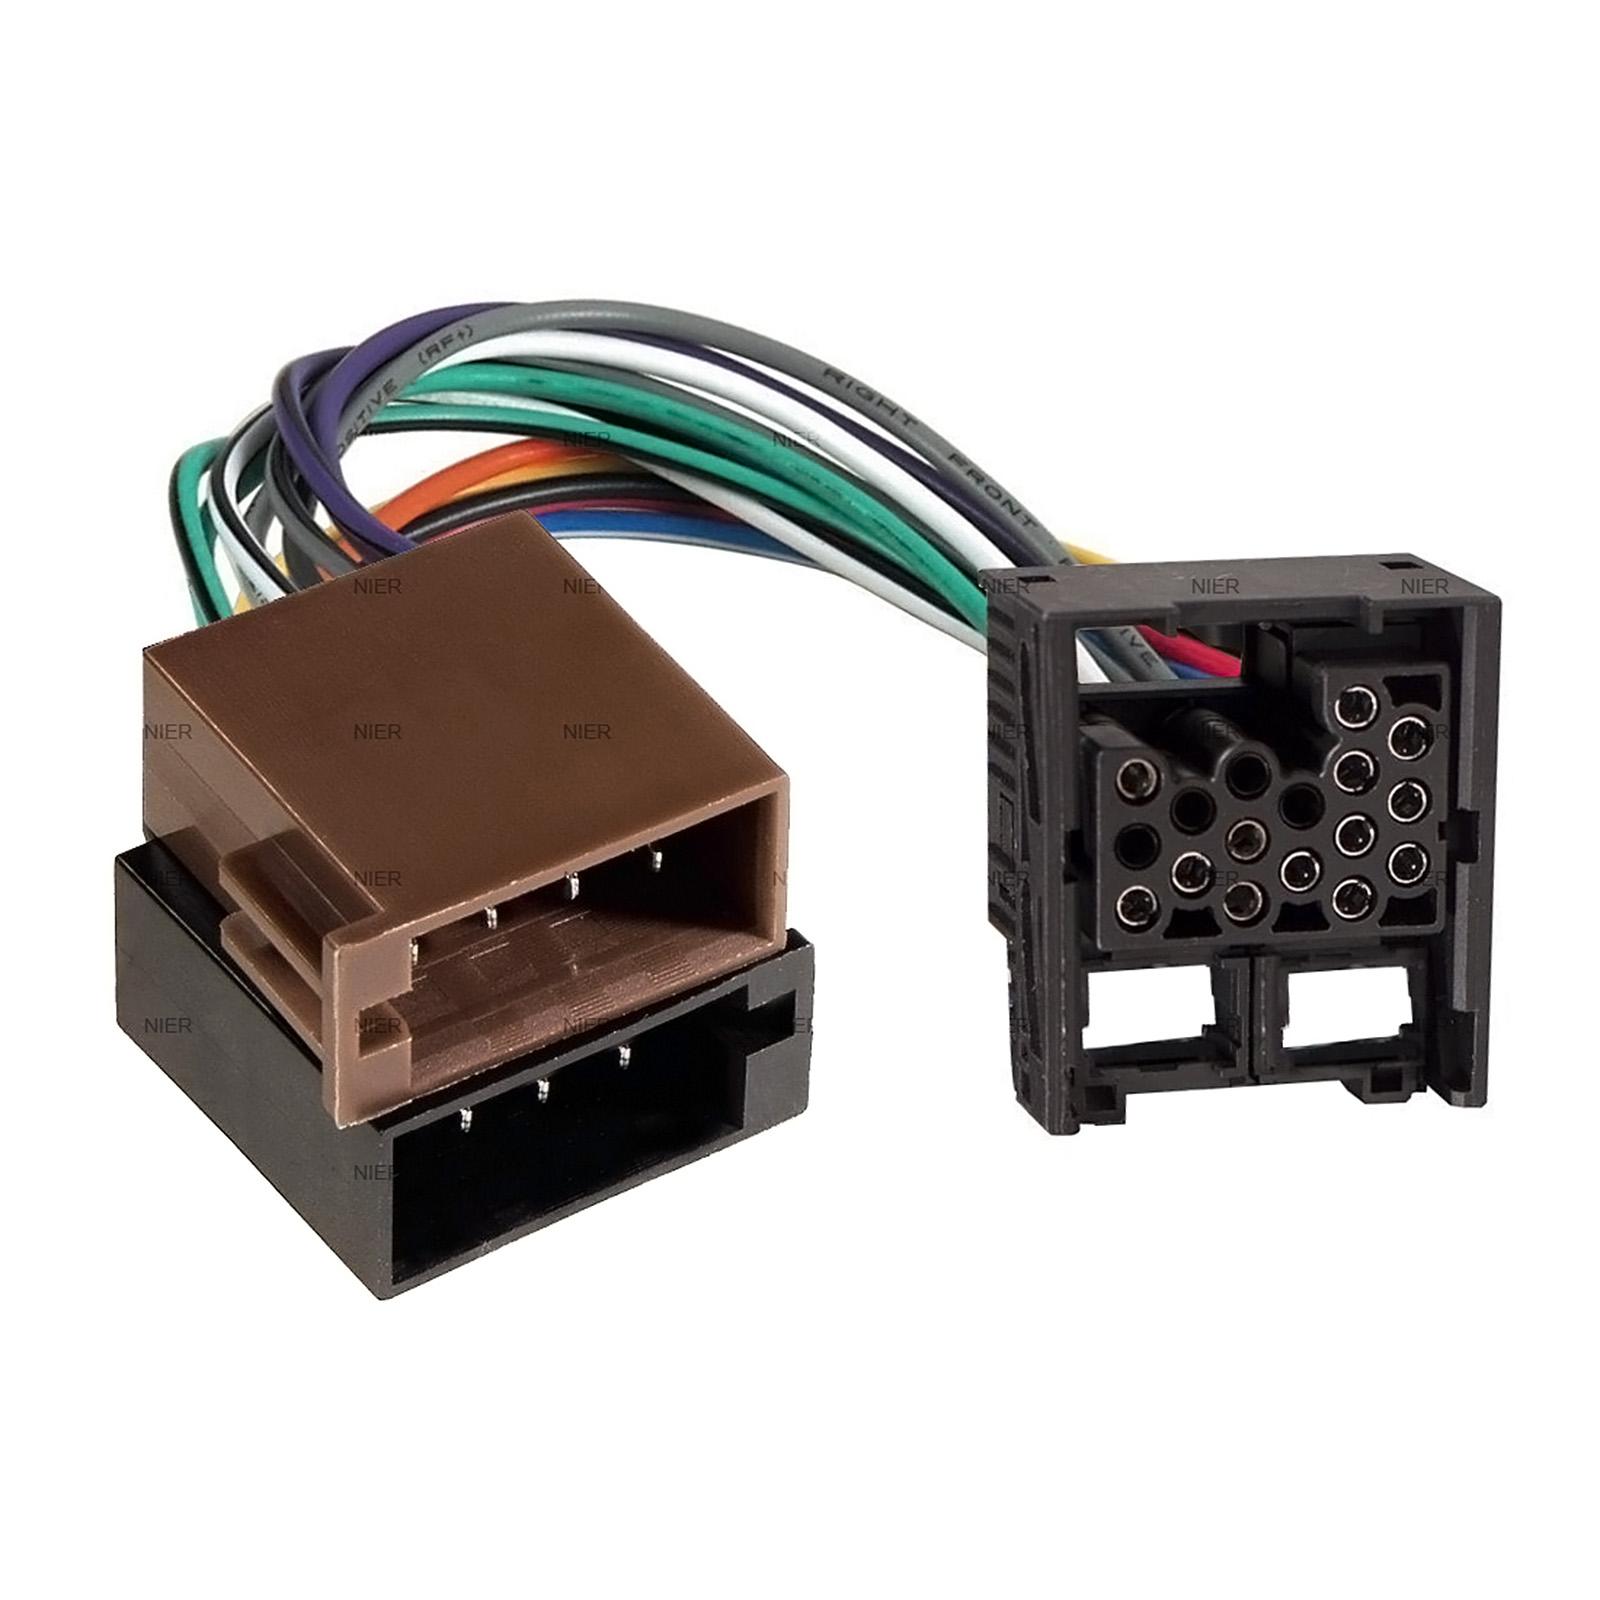 adapter cable for bmw car radio din iso 1er 3er 5er z3 e30. Black Bedroom Furniture Sets. Home Design Ideas